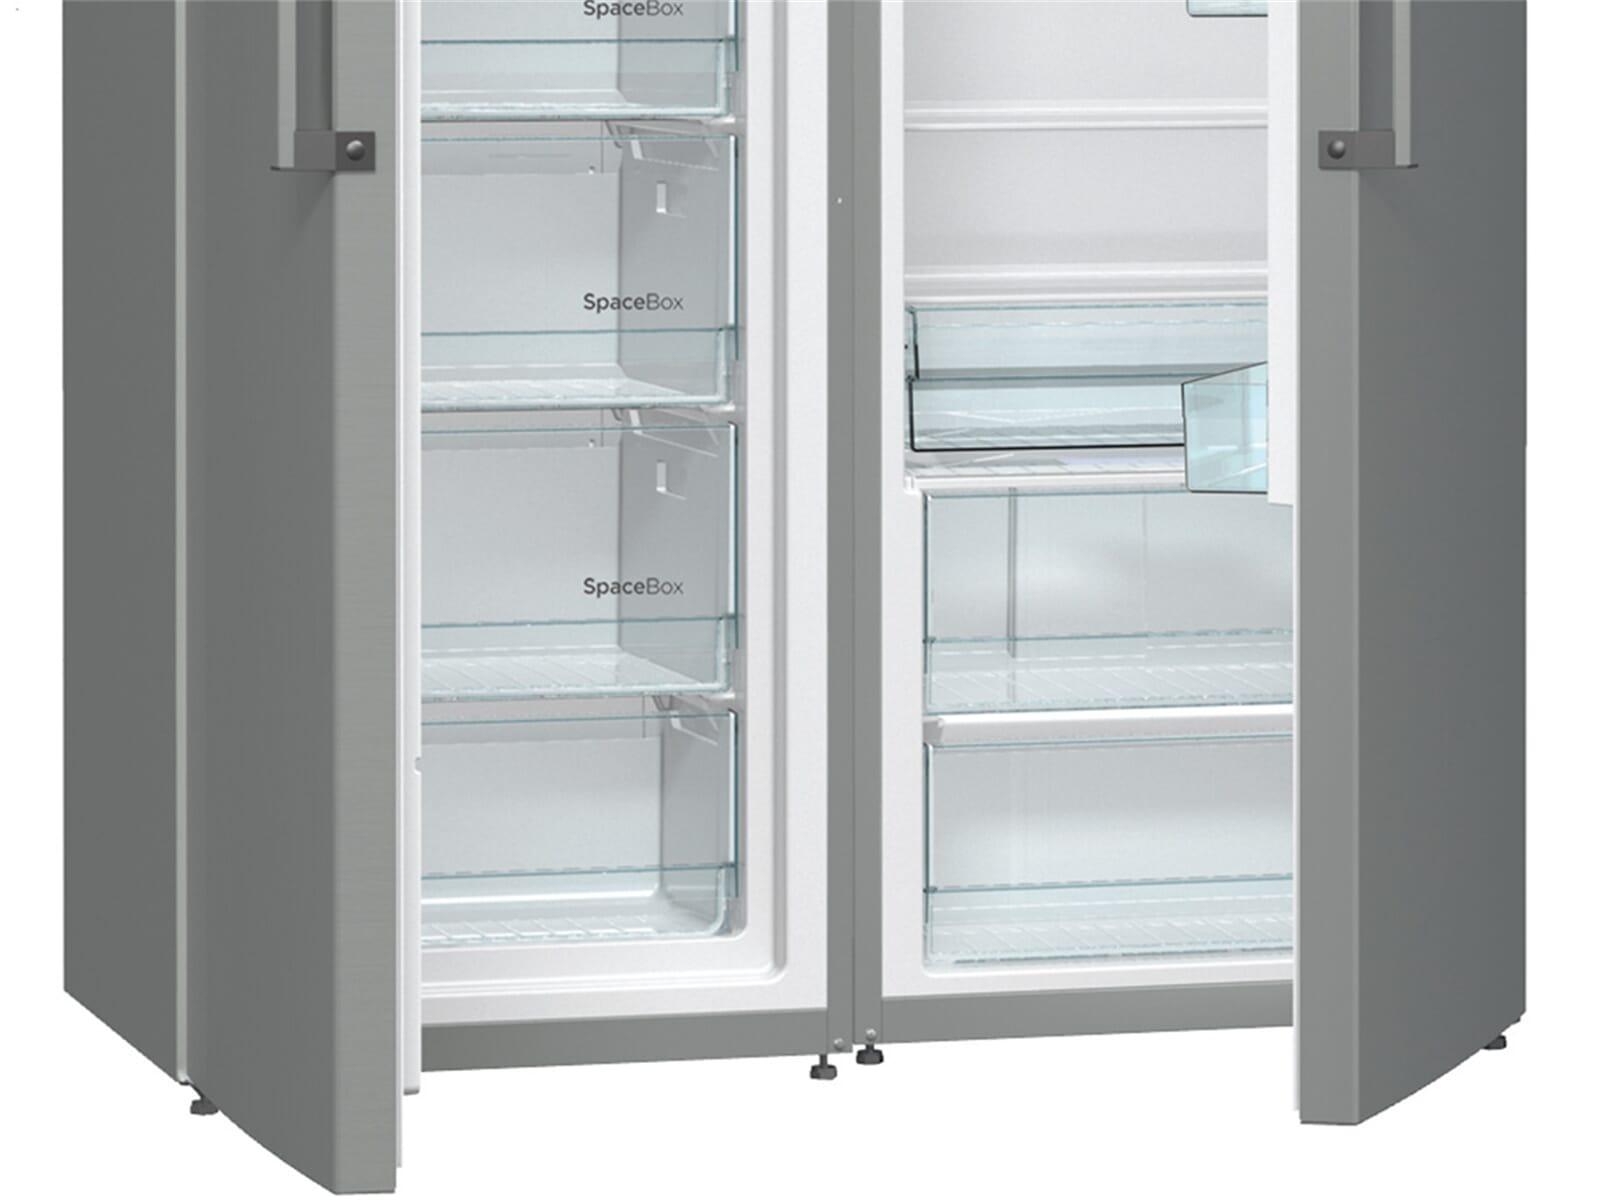 Gorenje Kühlschrank Gebrauchsanweisung : Gorenje sbs cfx side by side kühl gefrier kombination grau